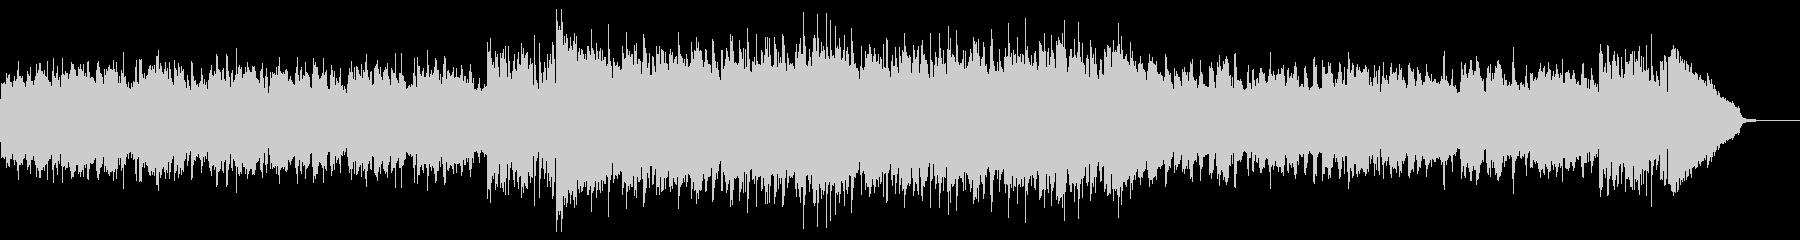 わくわくする夏のラジオCM用ディスコの未再生の波形